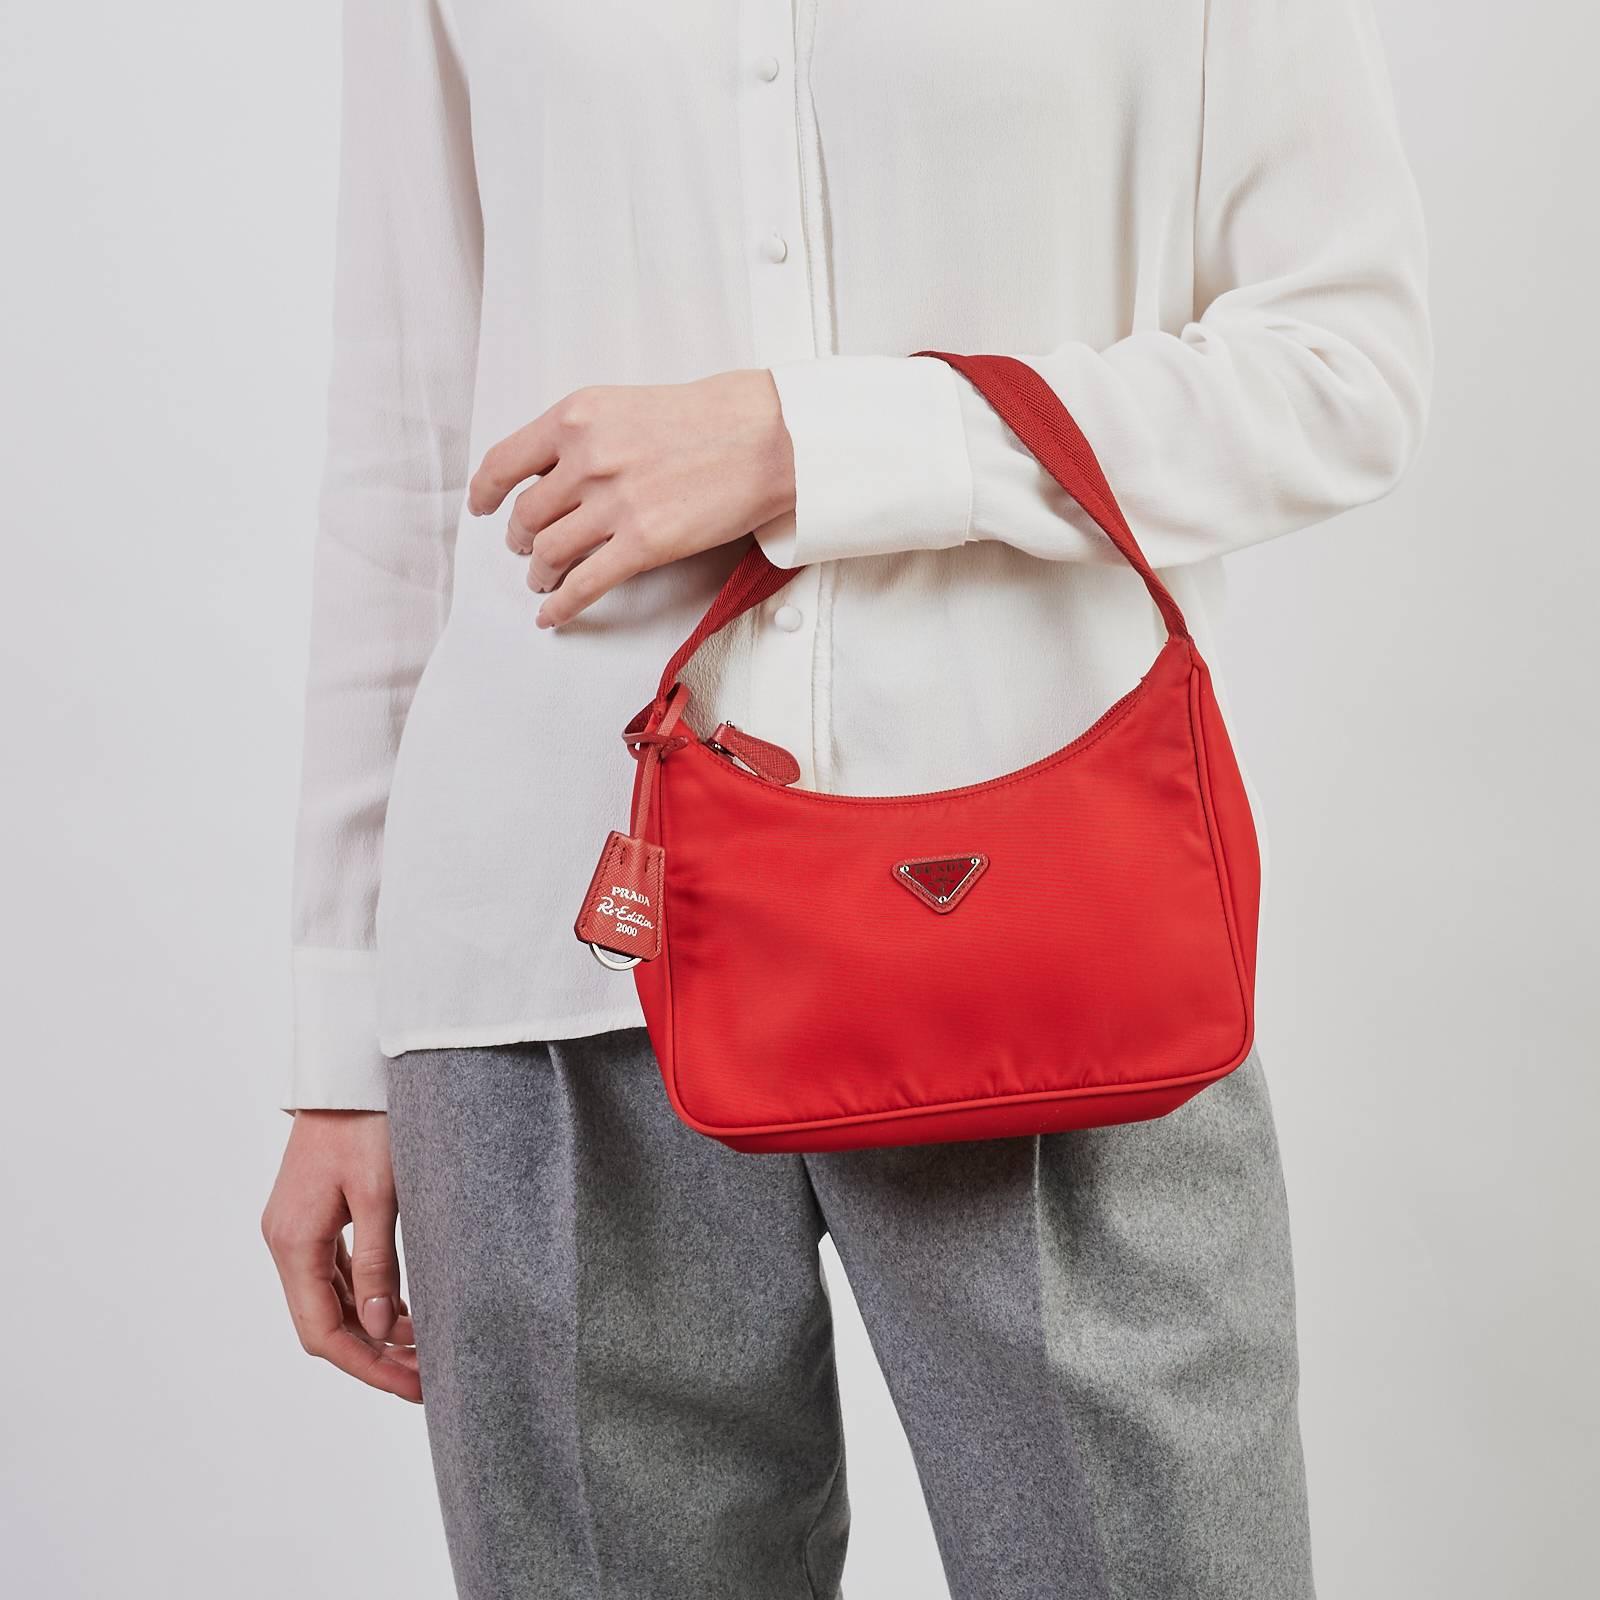 Купить сумку Prada в Москве с доставкой по цене 43100 рублей   Second Friend Store